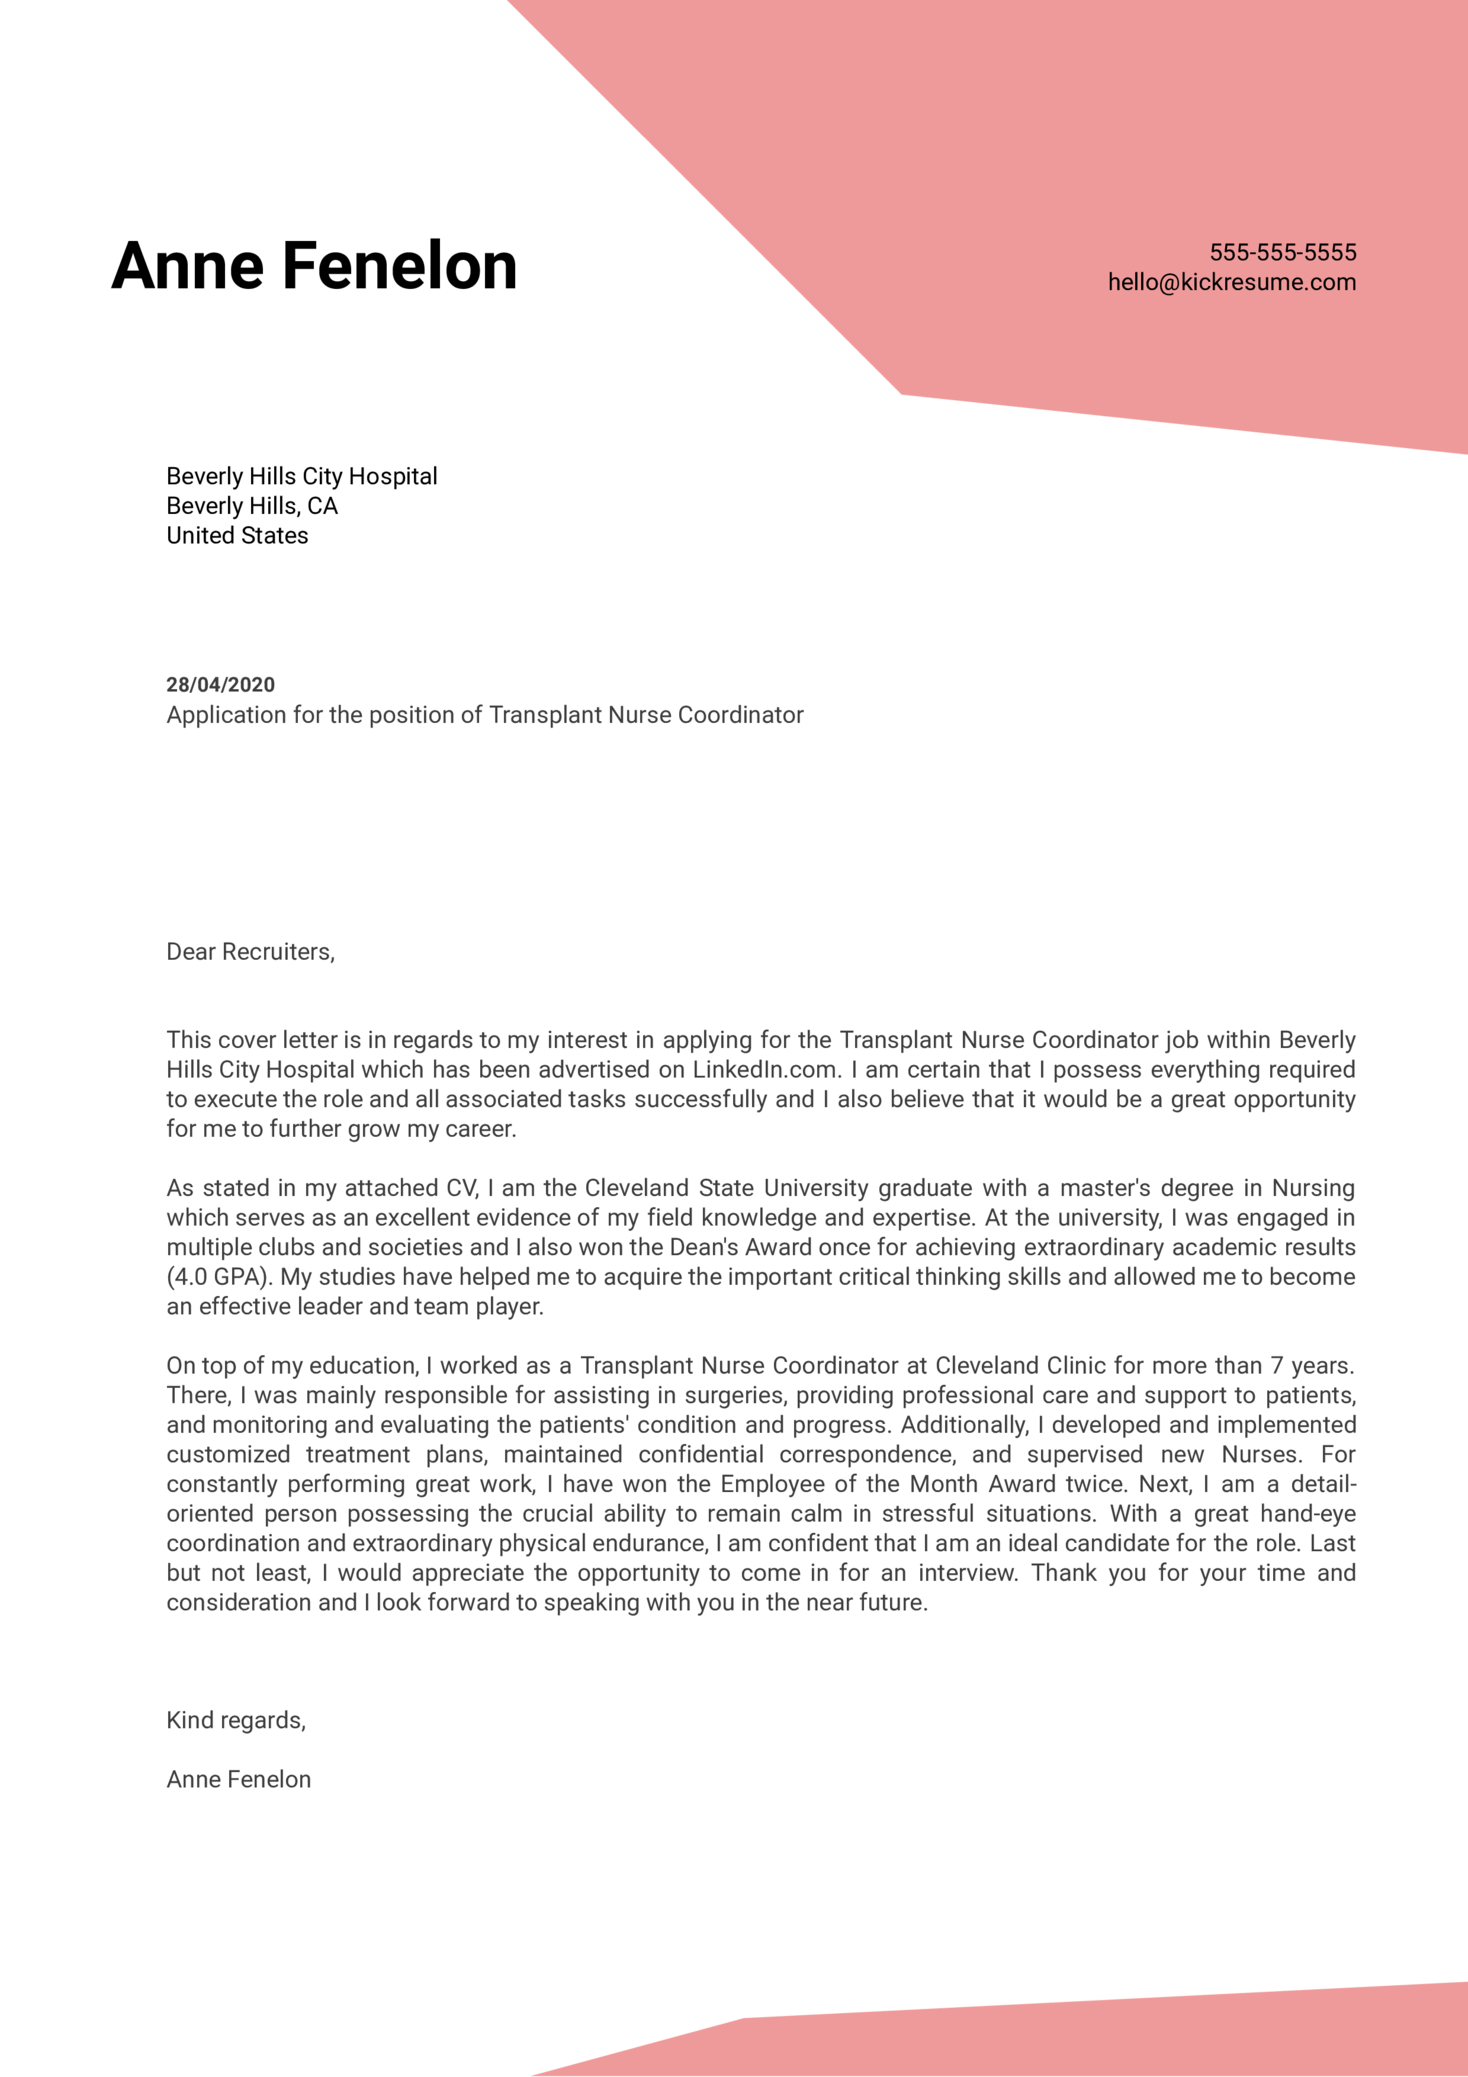 Transplant Nurse Coordinator Cover Letter Sample